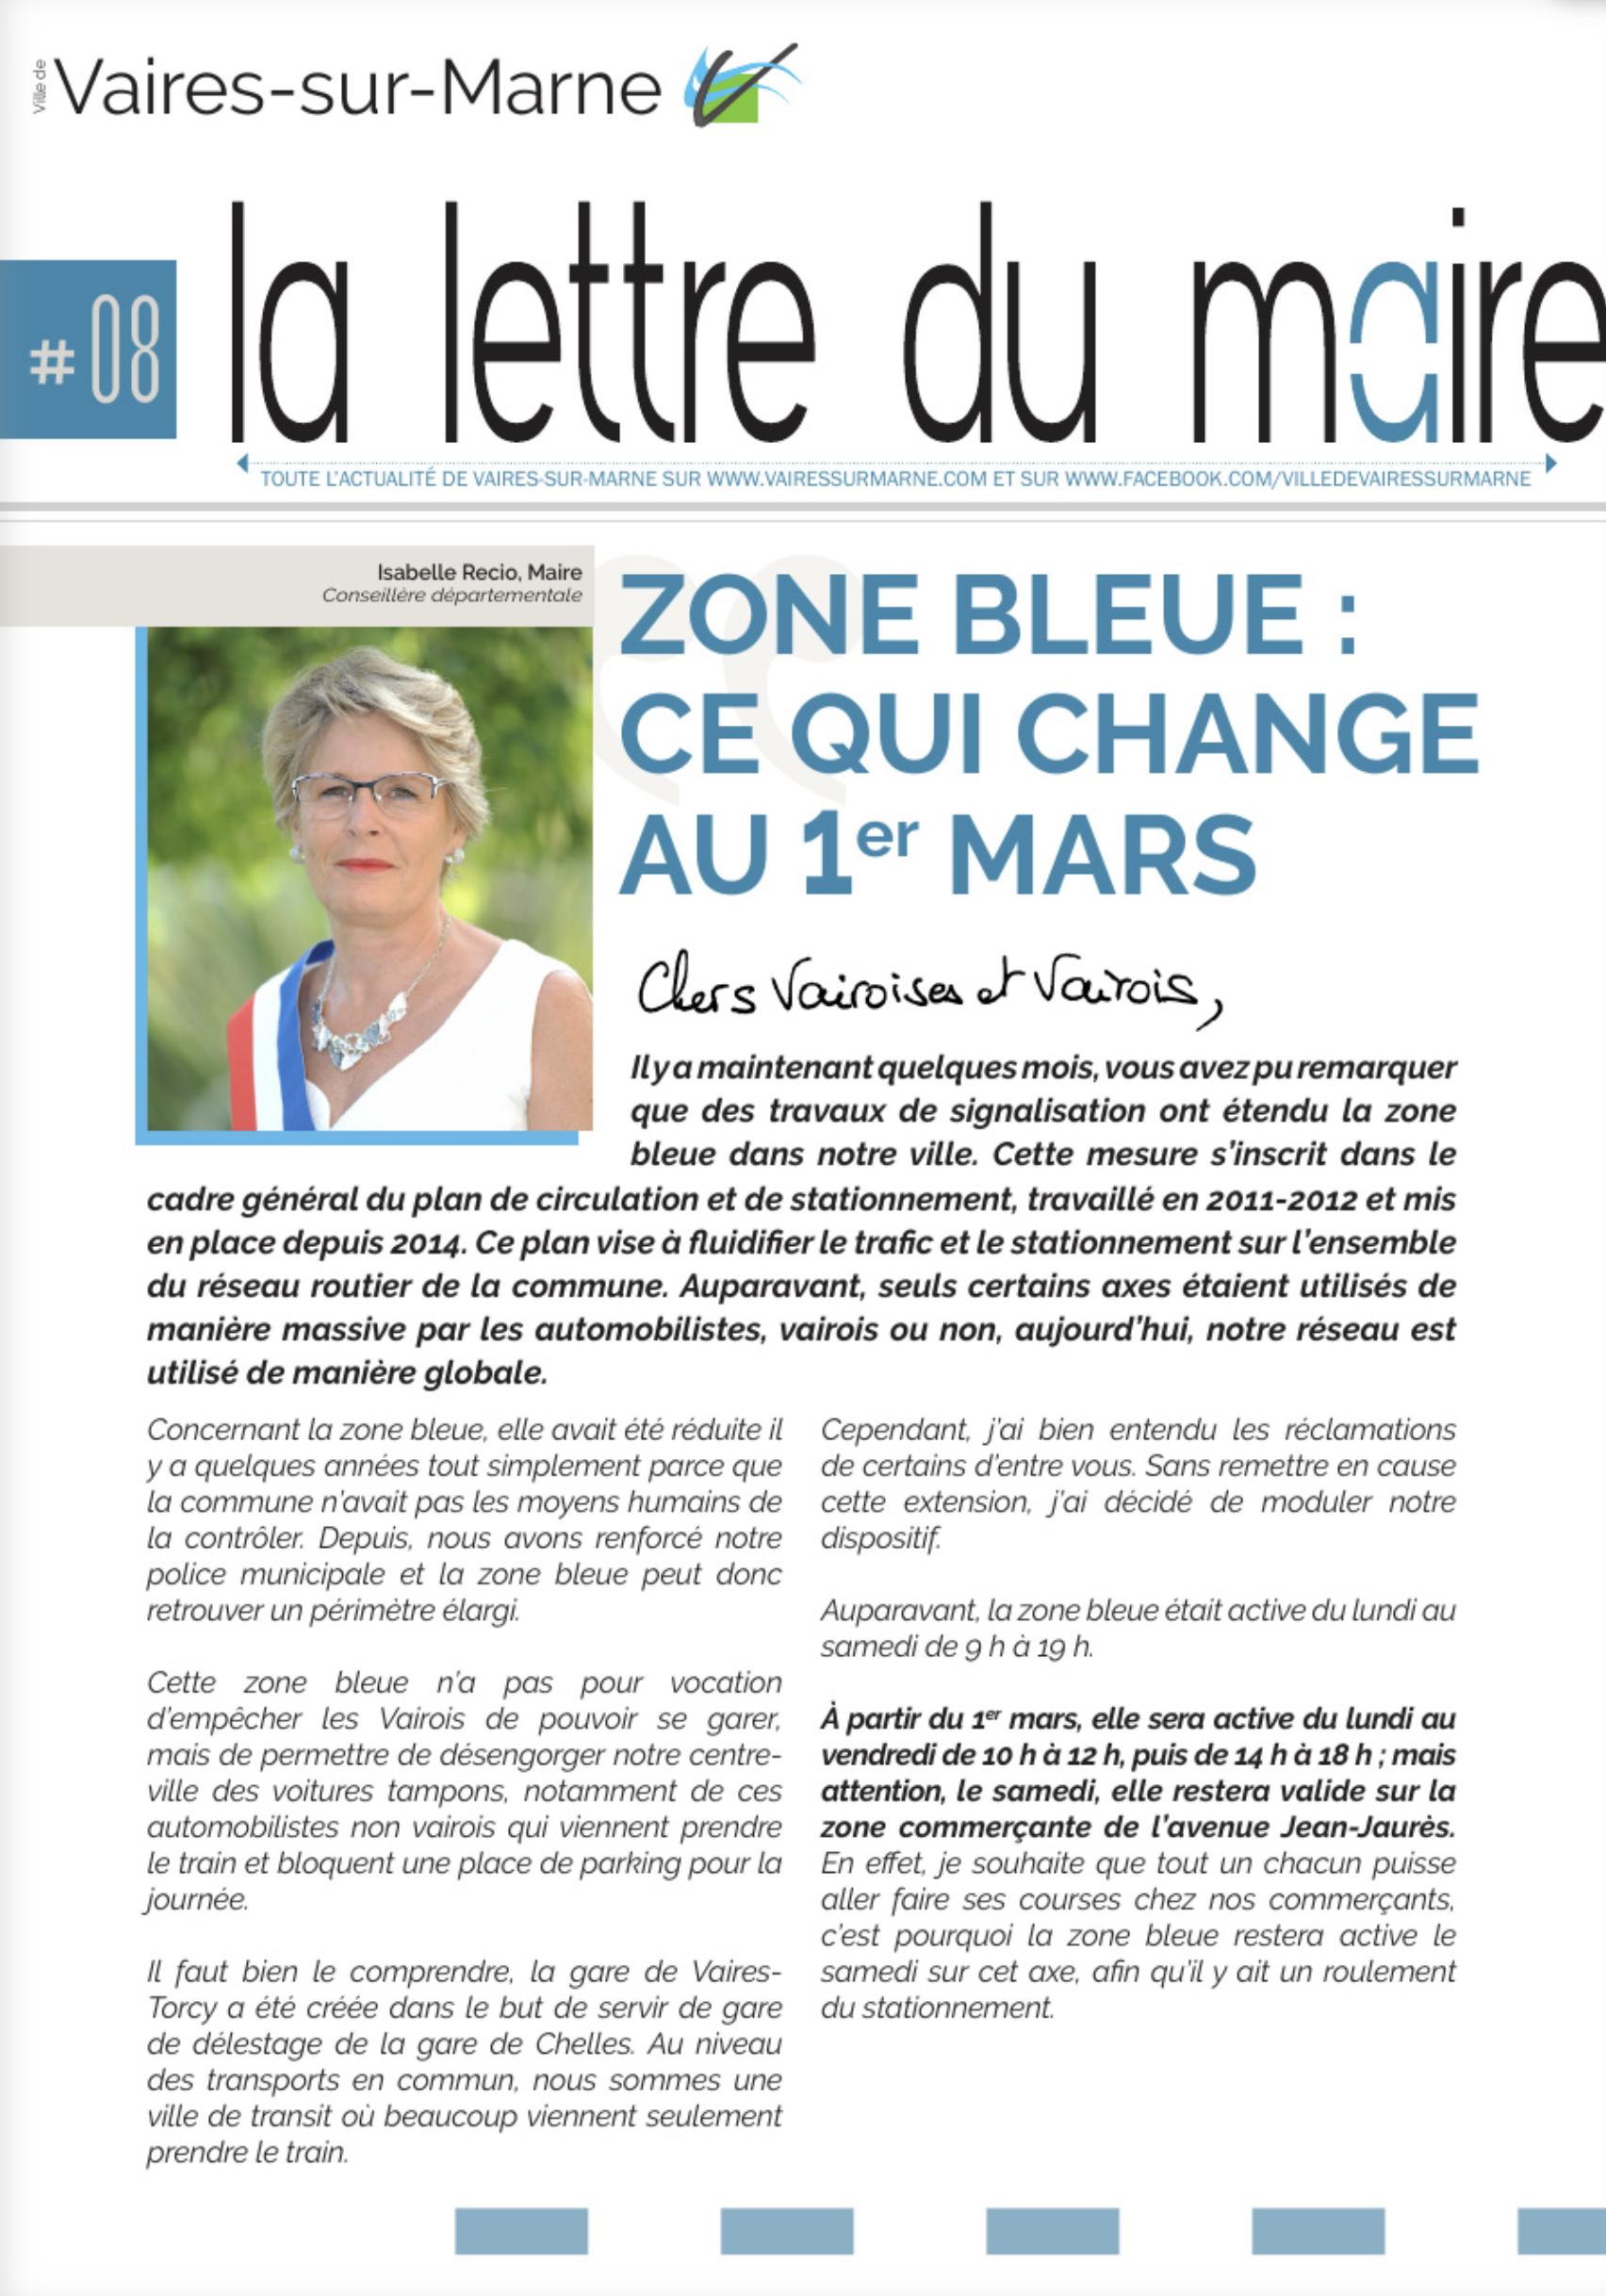 La lettre du Maire #8 - Zone bleue